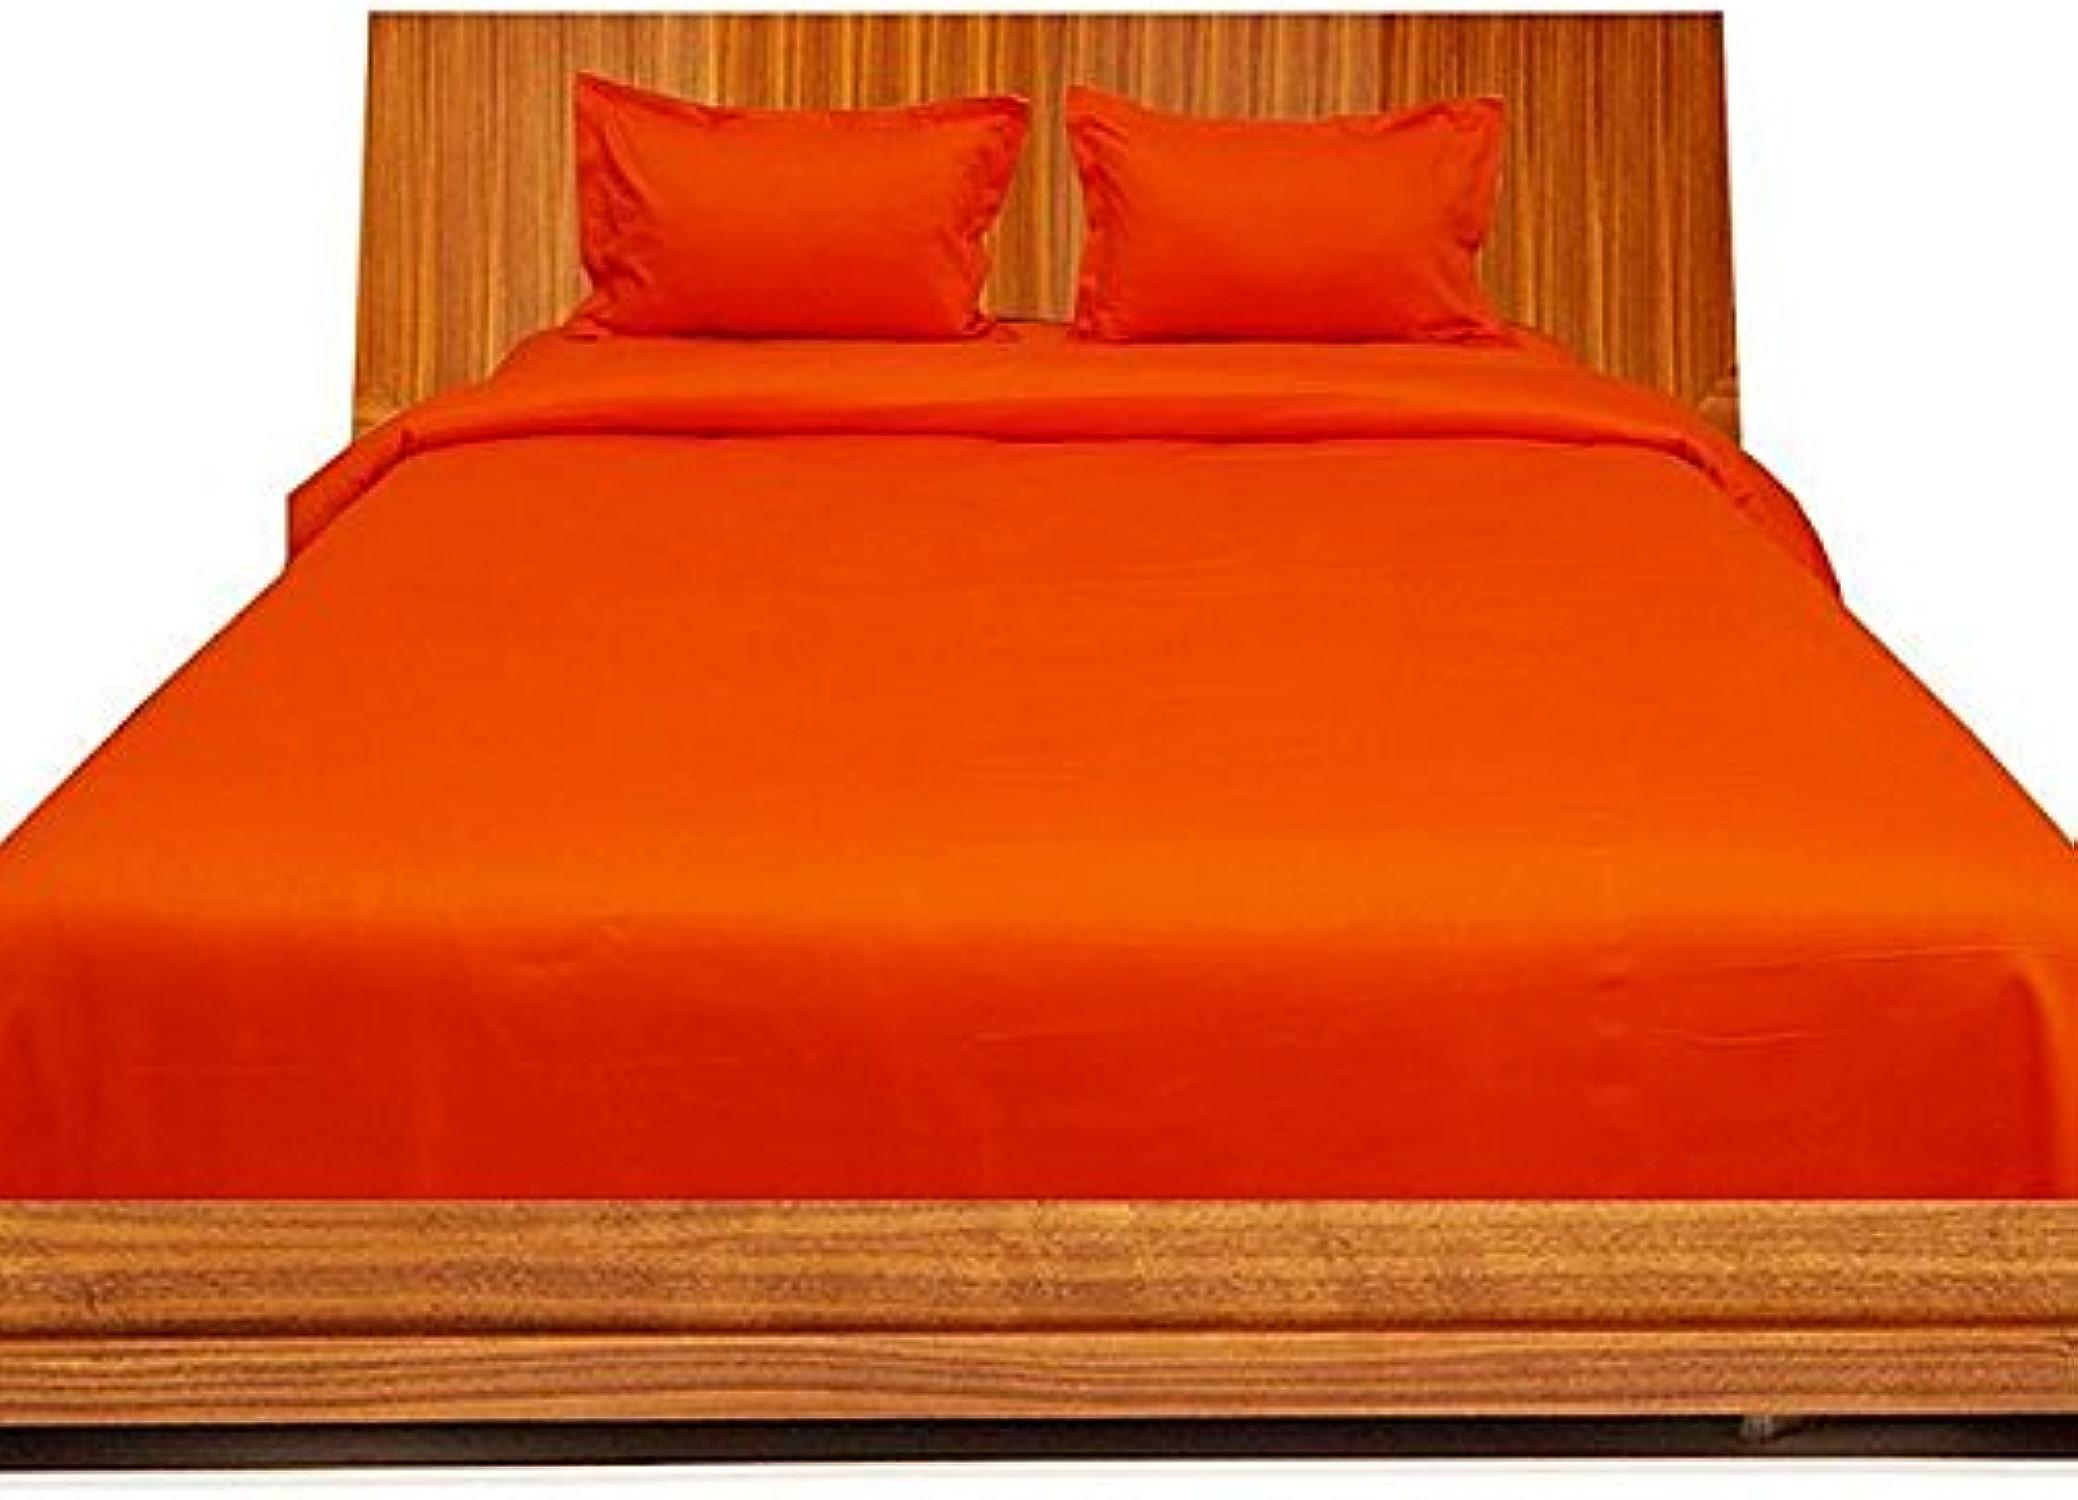 Coton égypcravaten simple 550 fils cm2, 46 cm, Ensemble de draps de gousset UK Double Uni Orange - 100%  coton